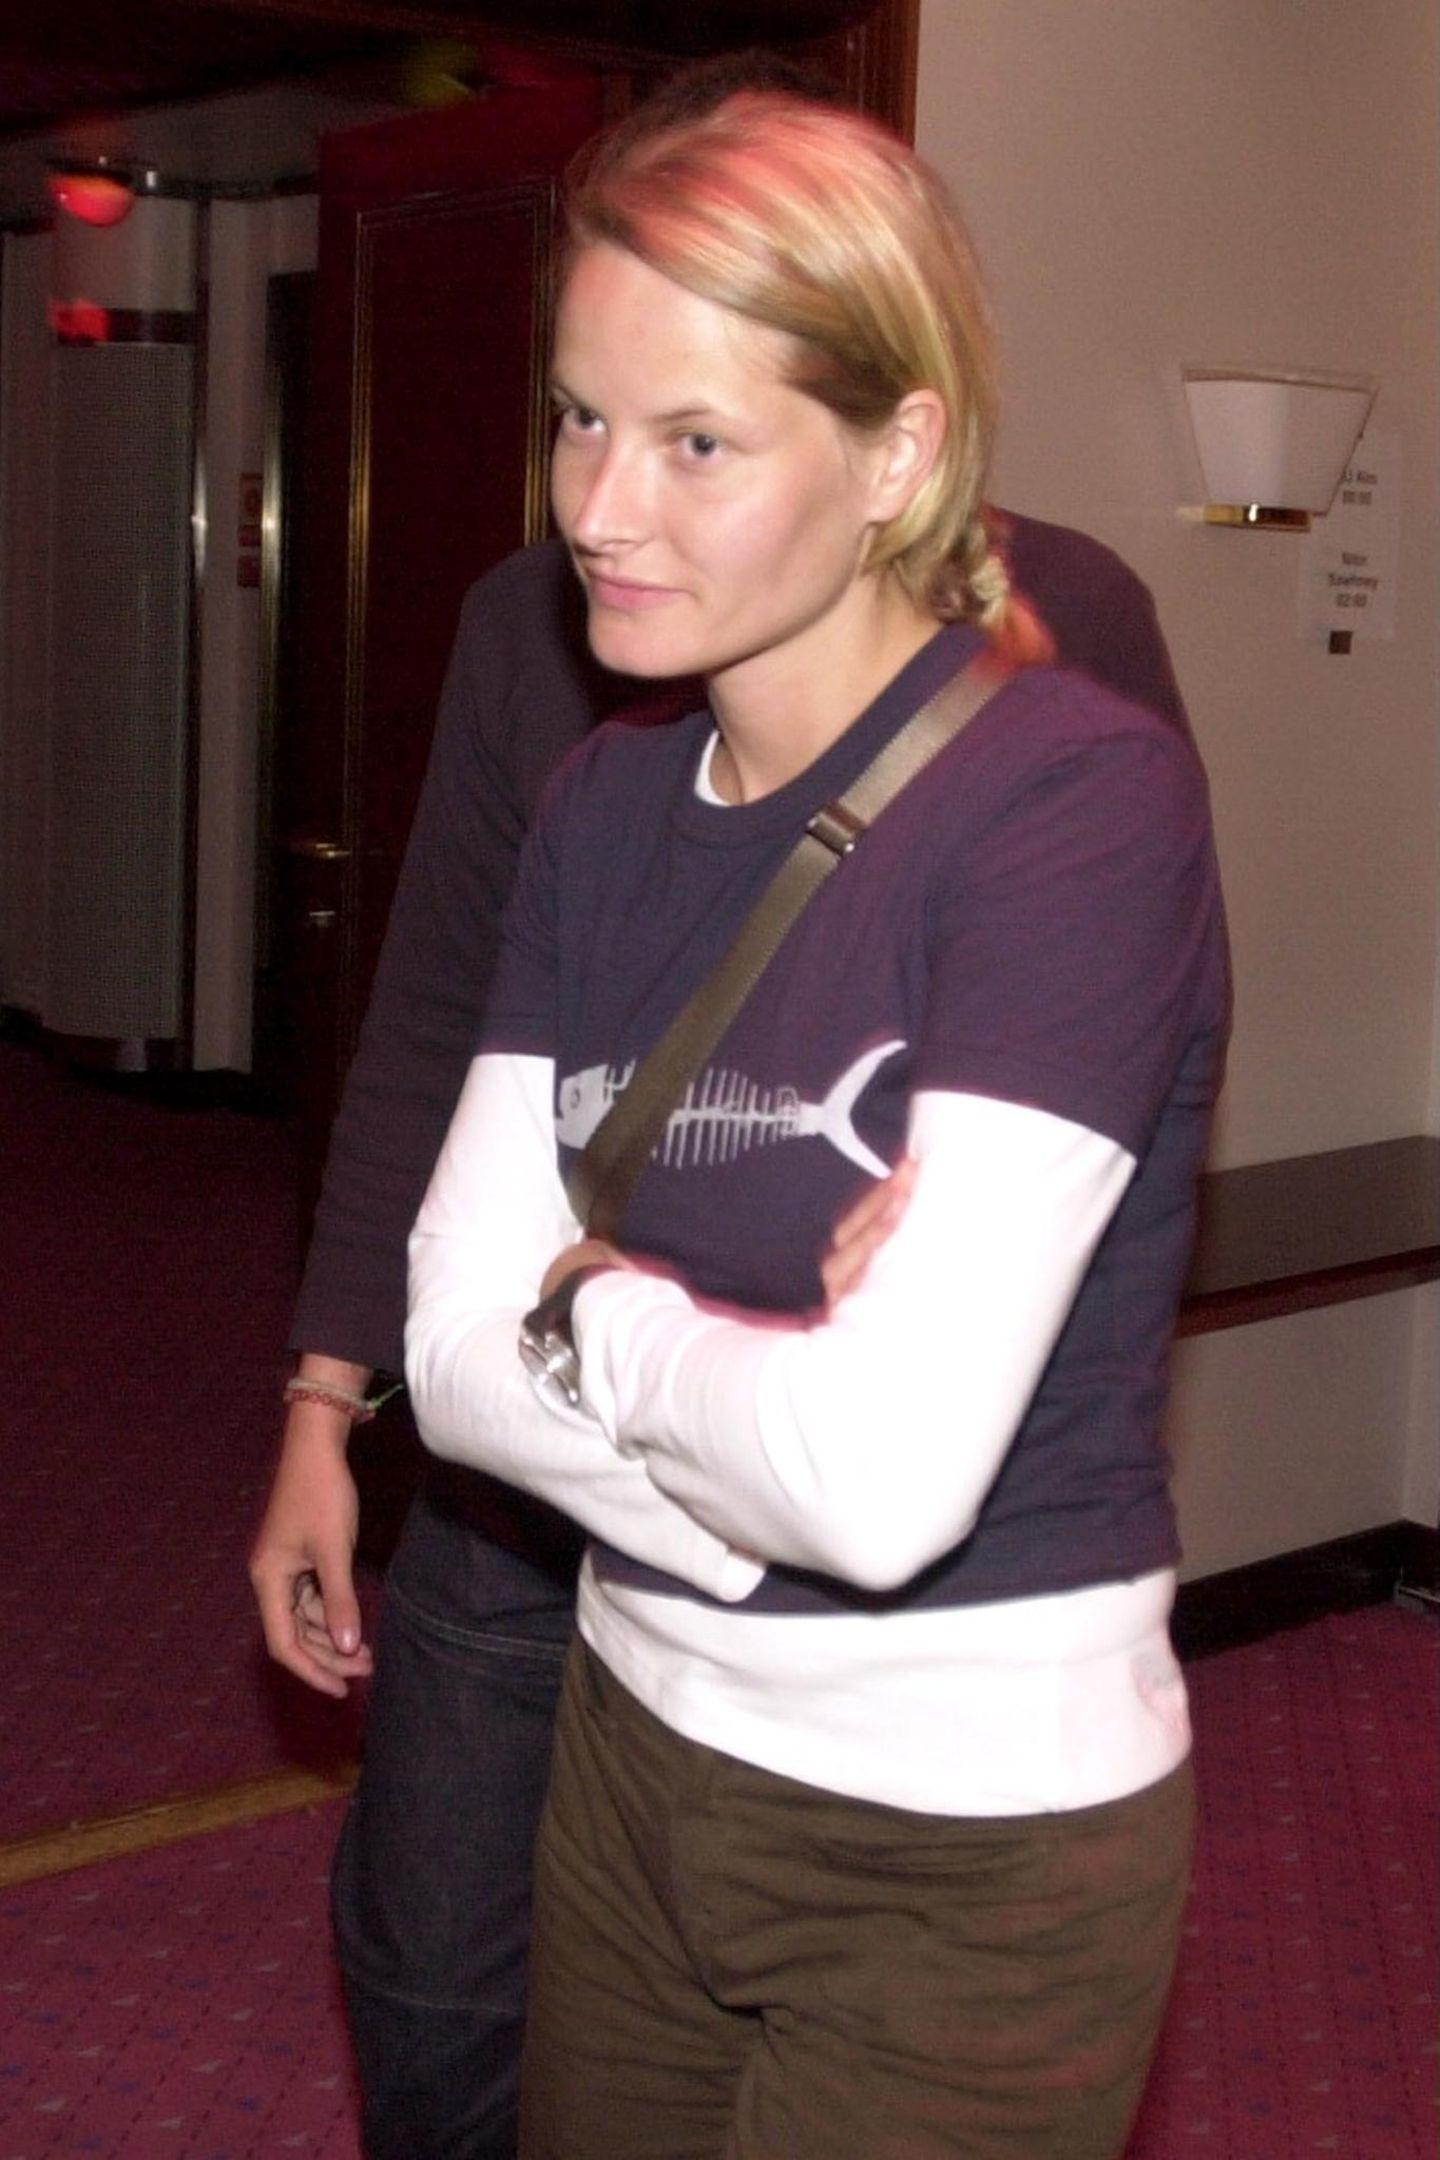 Mette-Marit - früher ein echtes Skater-Girl?